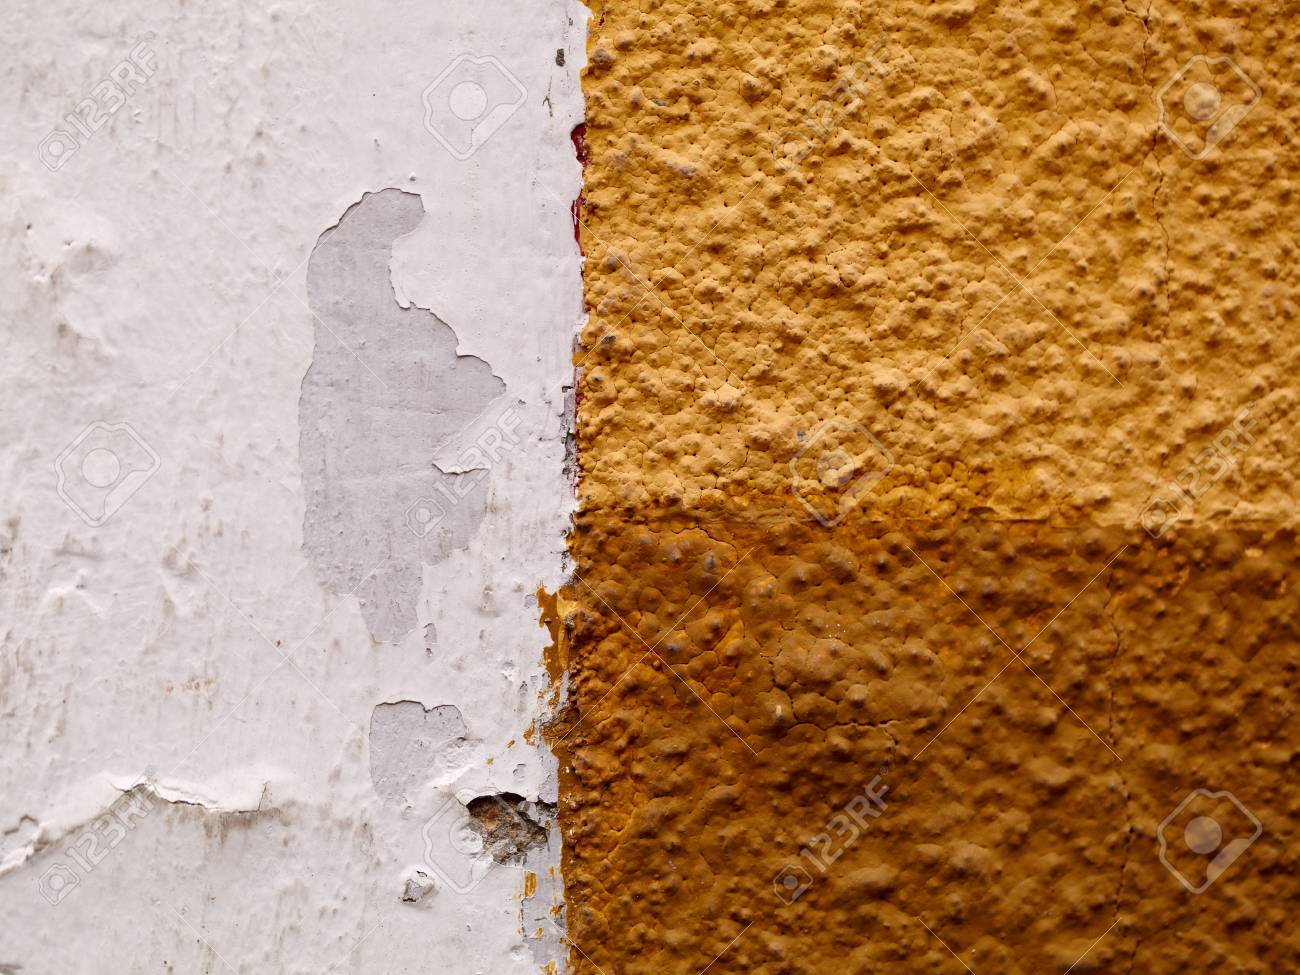 Standard Bild   Weiß Braun Gelb Riffelung Wand Hintergrund Textur